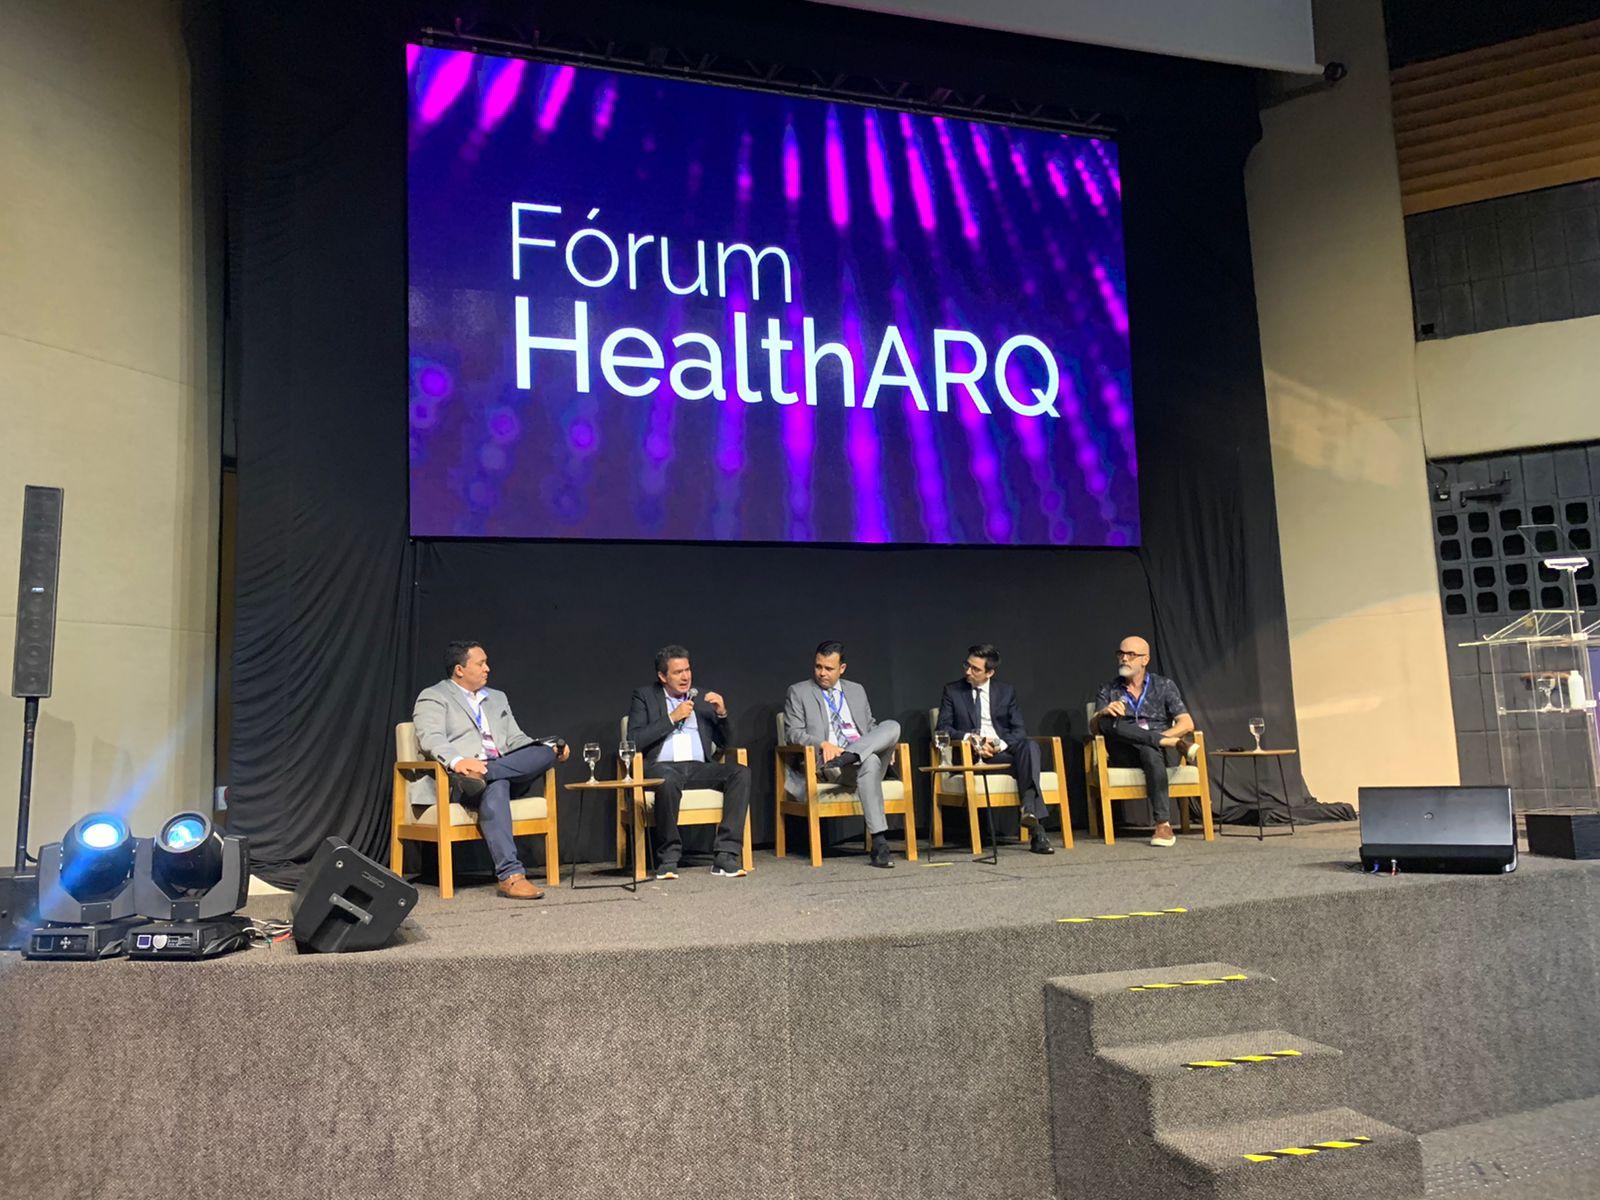 Momentos de conhecimento e homenagens marcam Fórum+Prêmio HealthARQ 2021 3